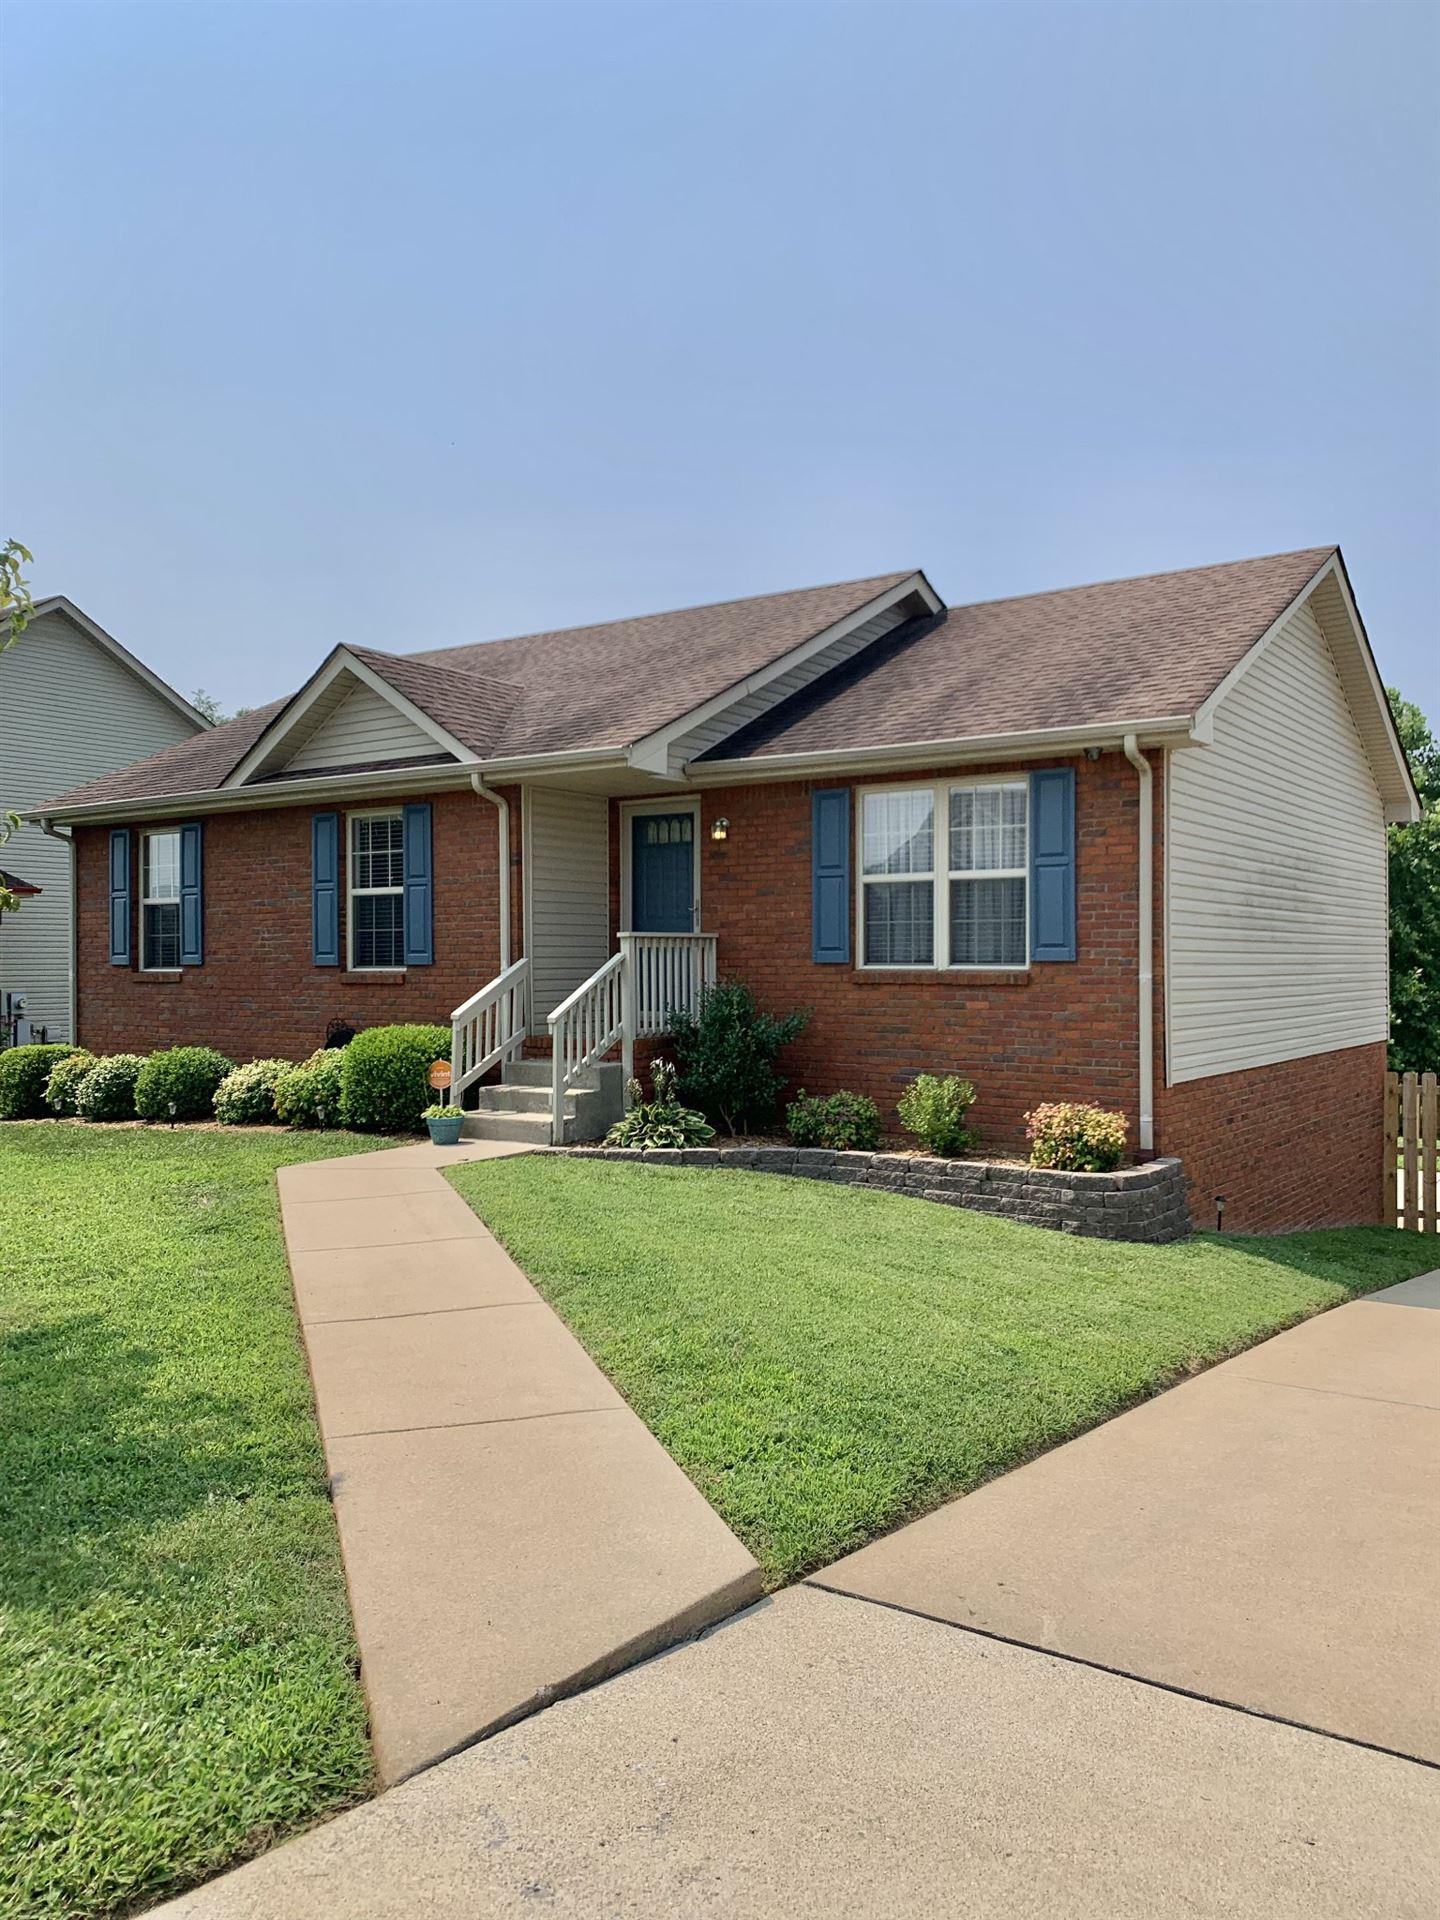 3245 Veranda Cir, Clarksville, TN 37042 - MLS#: 2274904